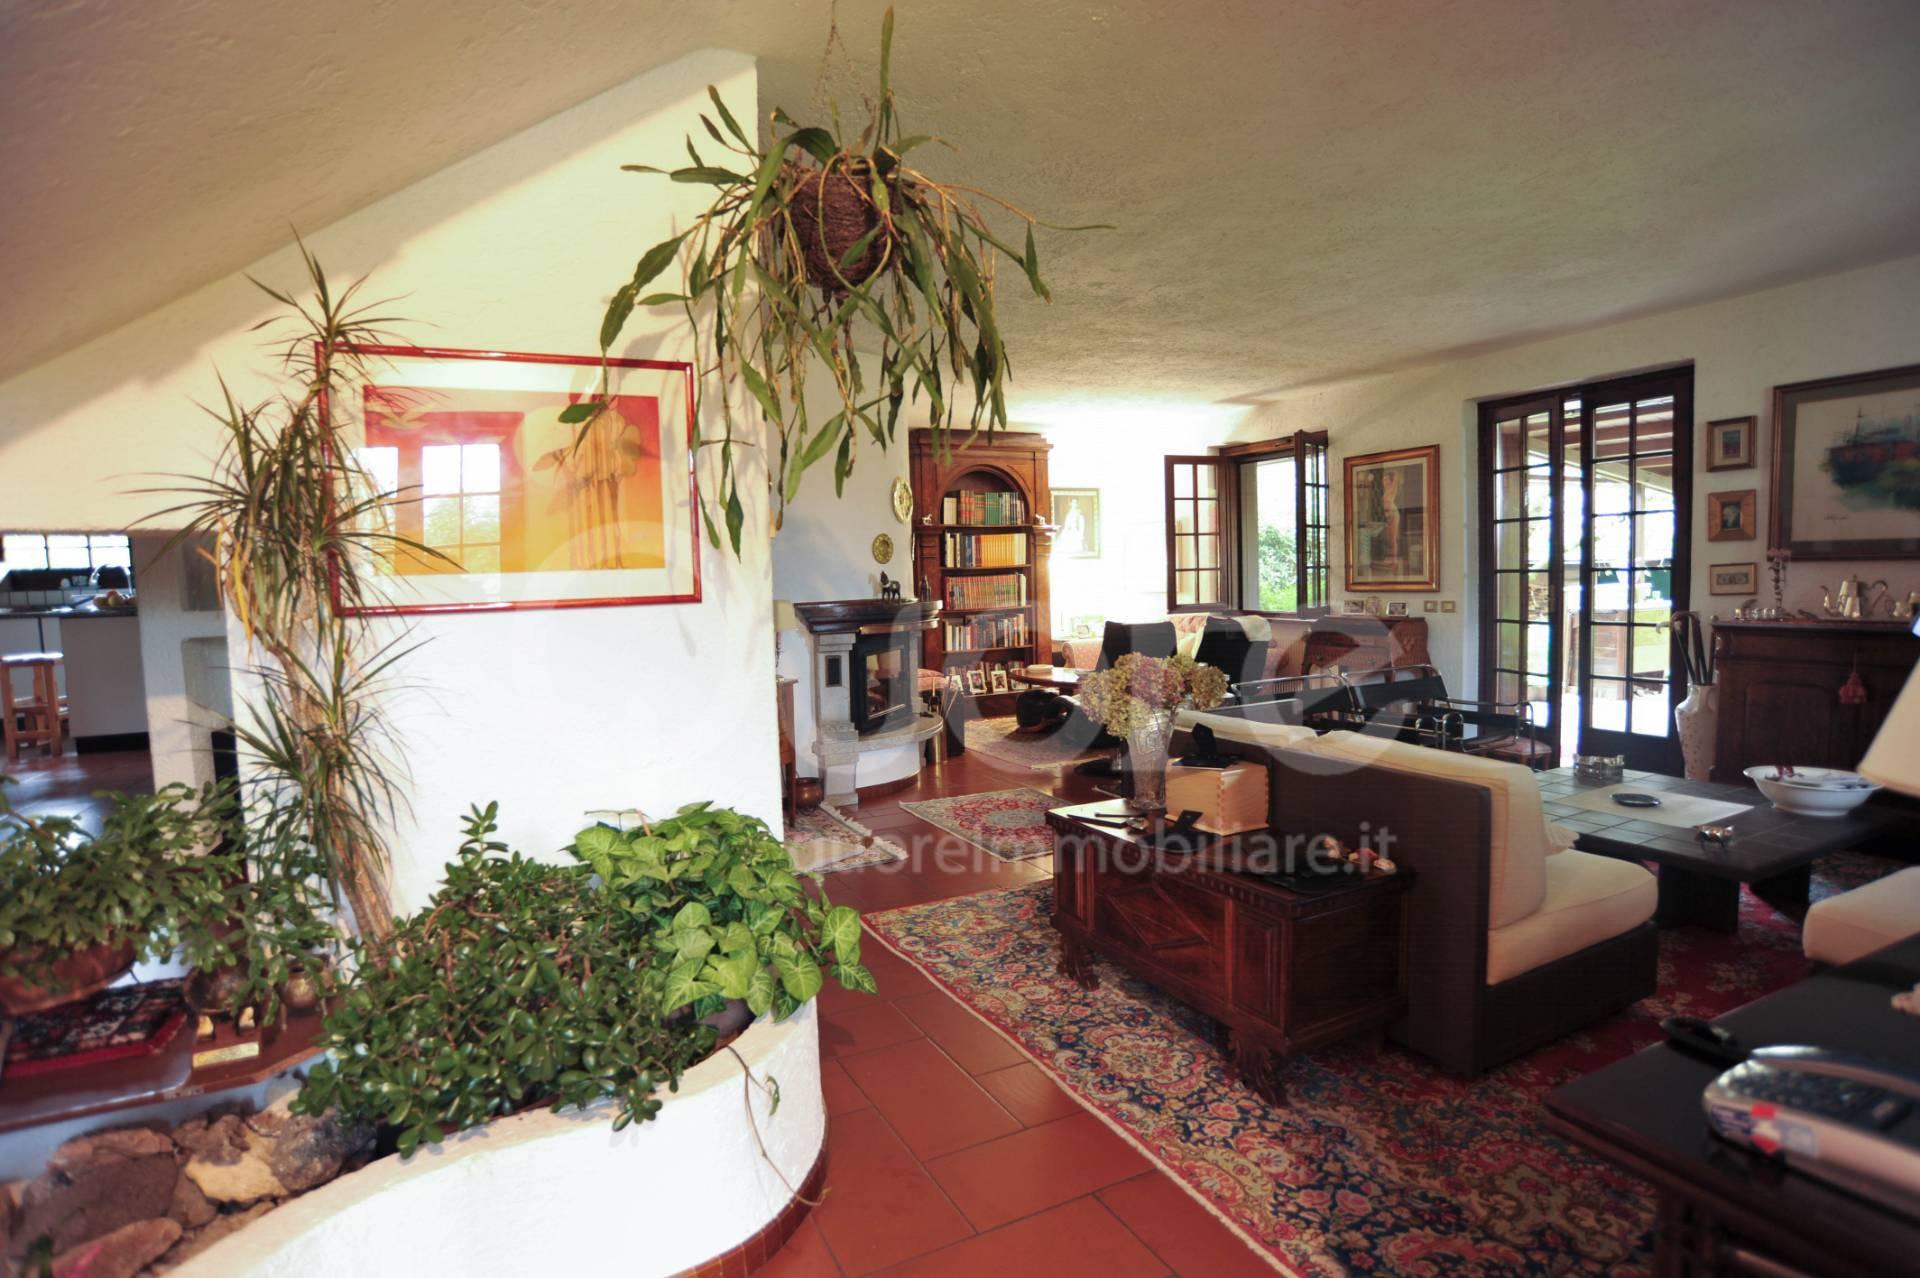 Villa in vendita a Fagagna, 7 locali, prezzo € 485.000 | CambioCasa.it